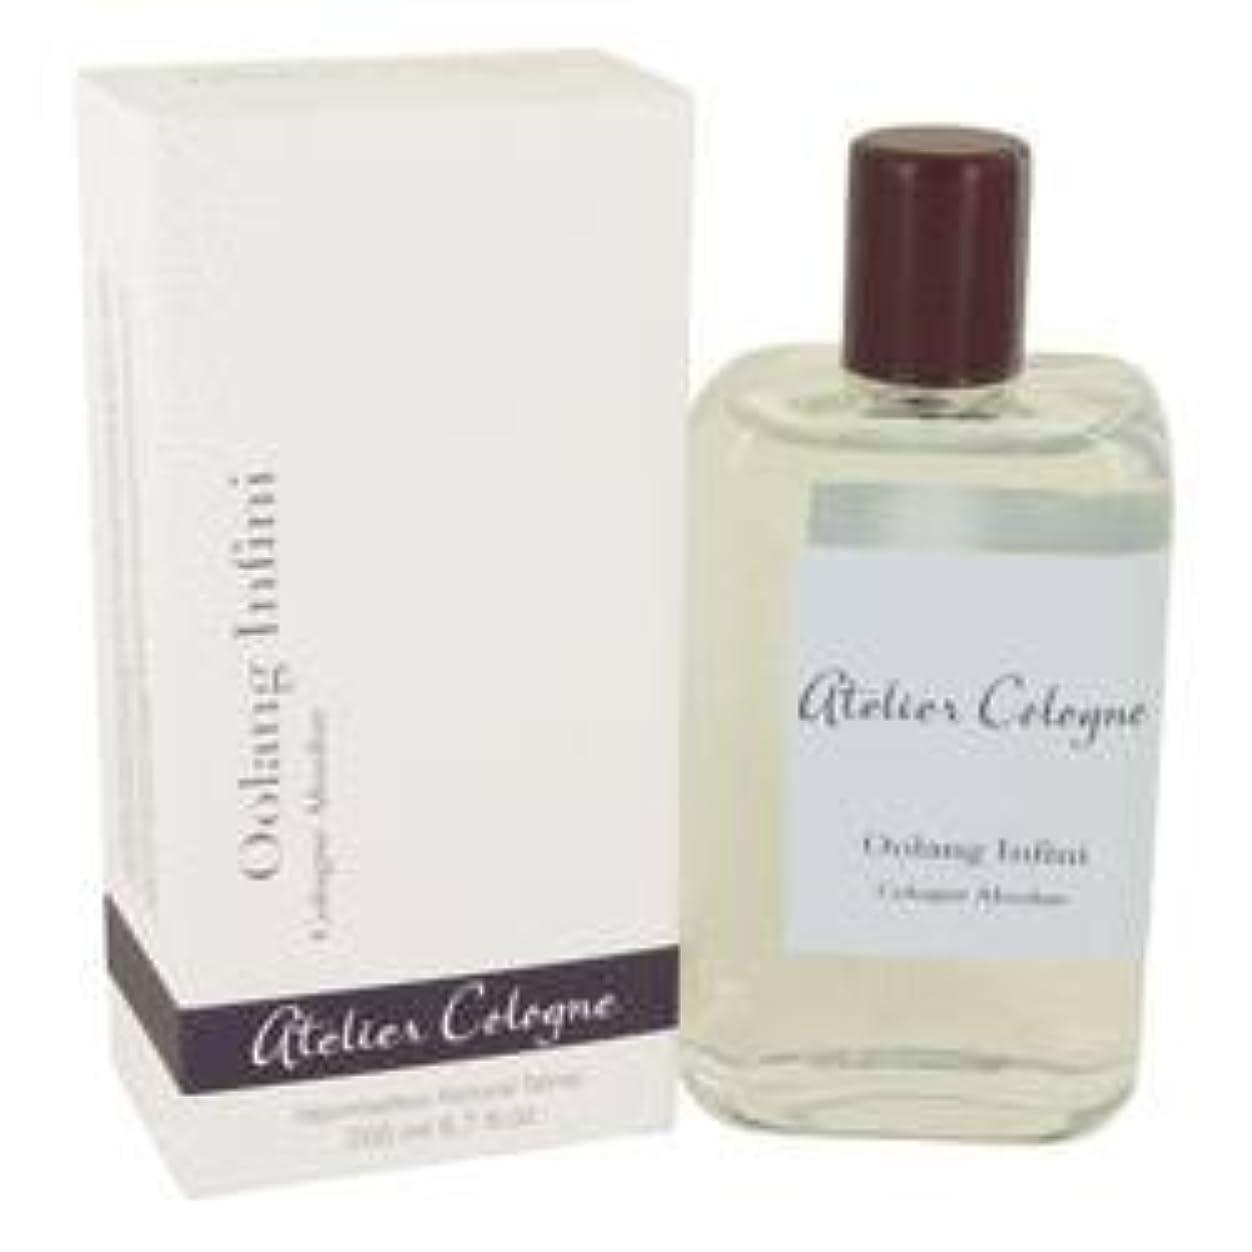 支援発疹急速なOolang Infini Pure Perfume Spray By Atelier Cologne